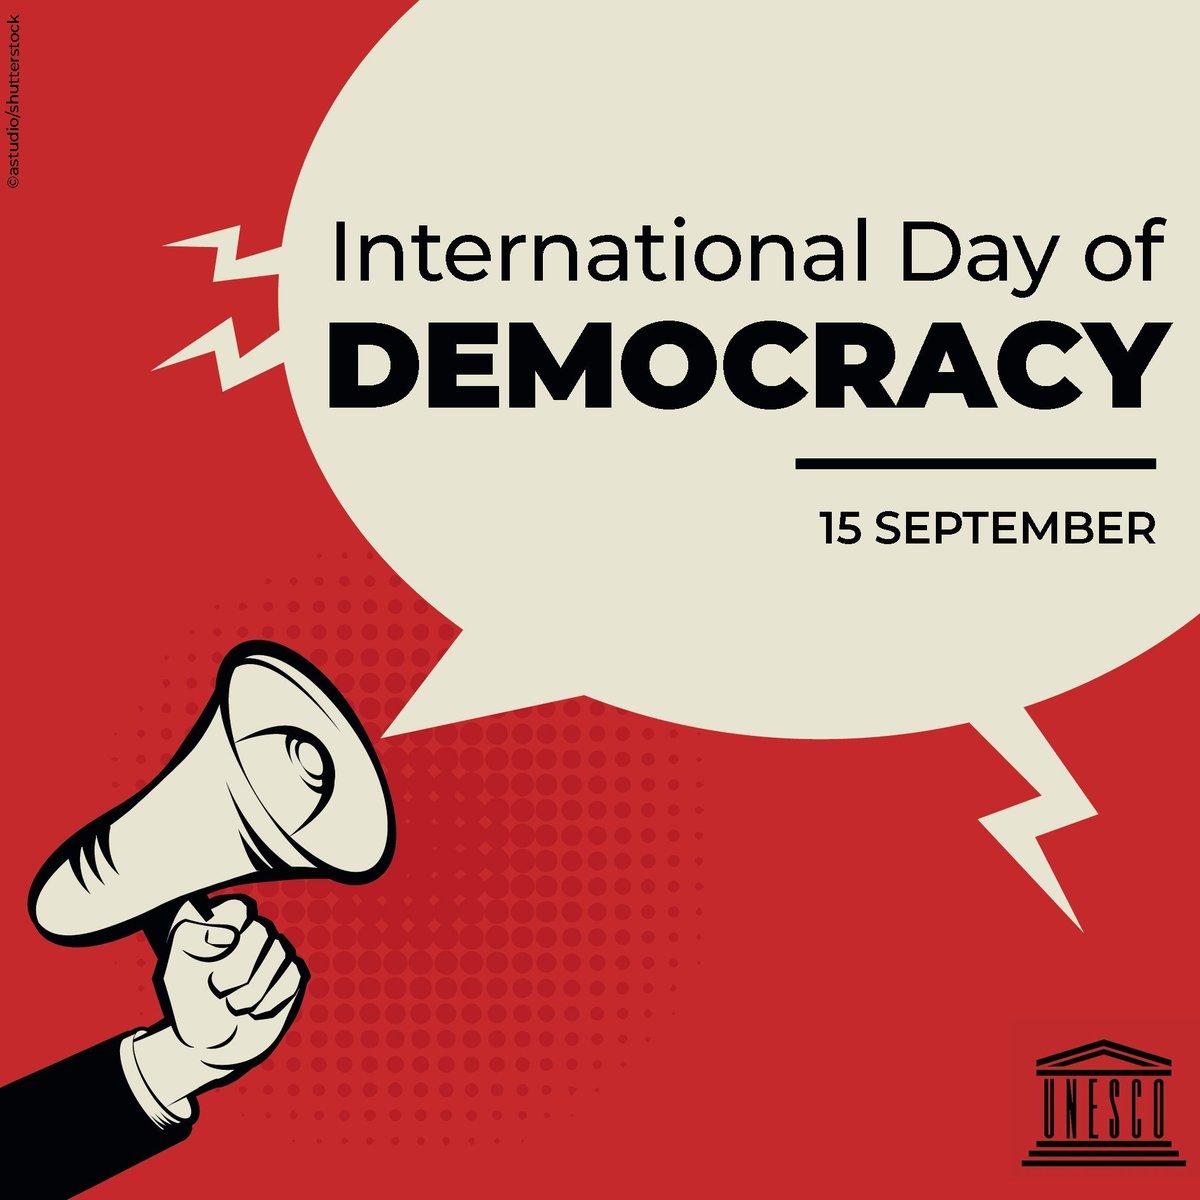 @UNESCO's photo on #DemocracyDay